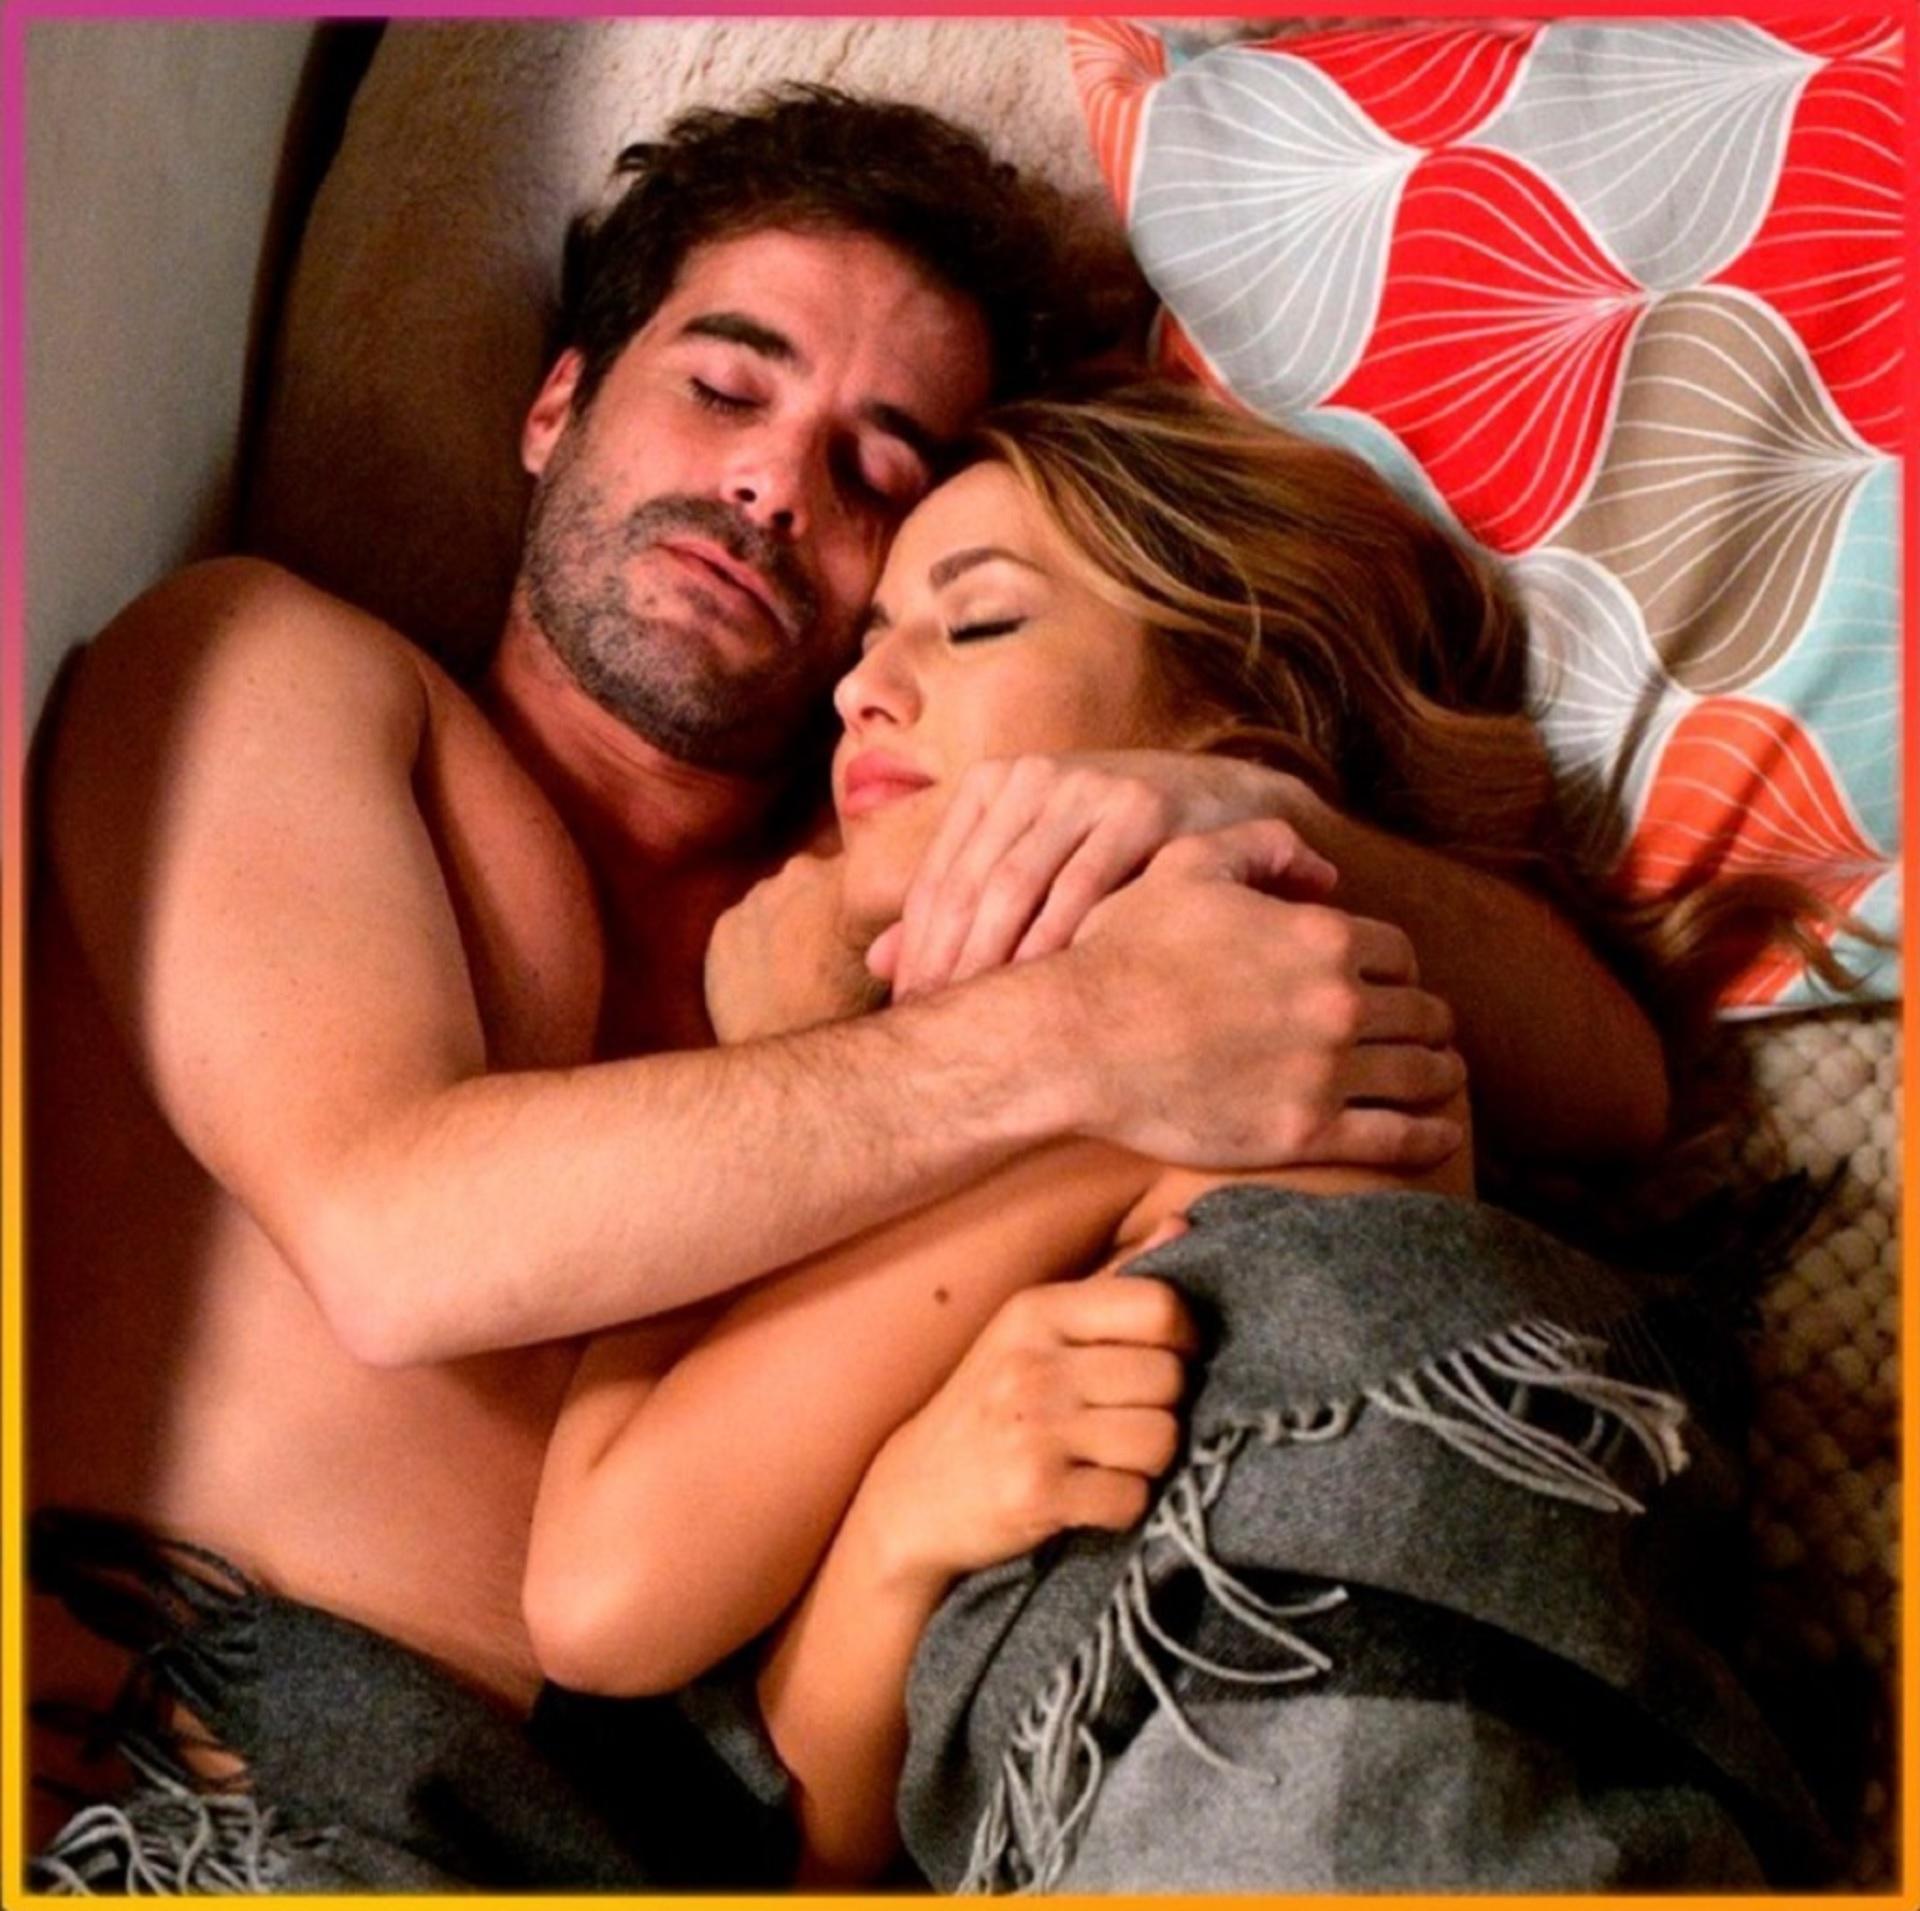 """Flor Vigna publicó en Instagram una foto en la cama con Nico Cabré, que pertenecía a una escena de """"Mi hermano es un clon"""". Laurita Fernández se enojó por el posteo de esta imagen romántica"""